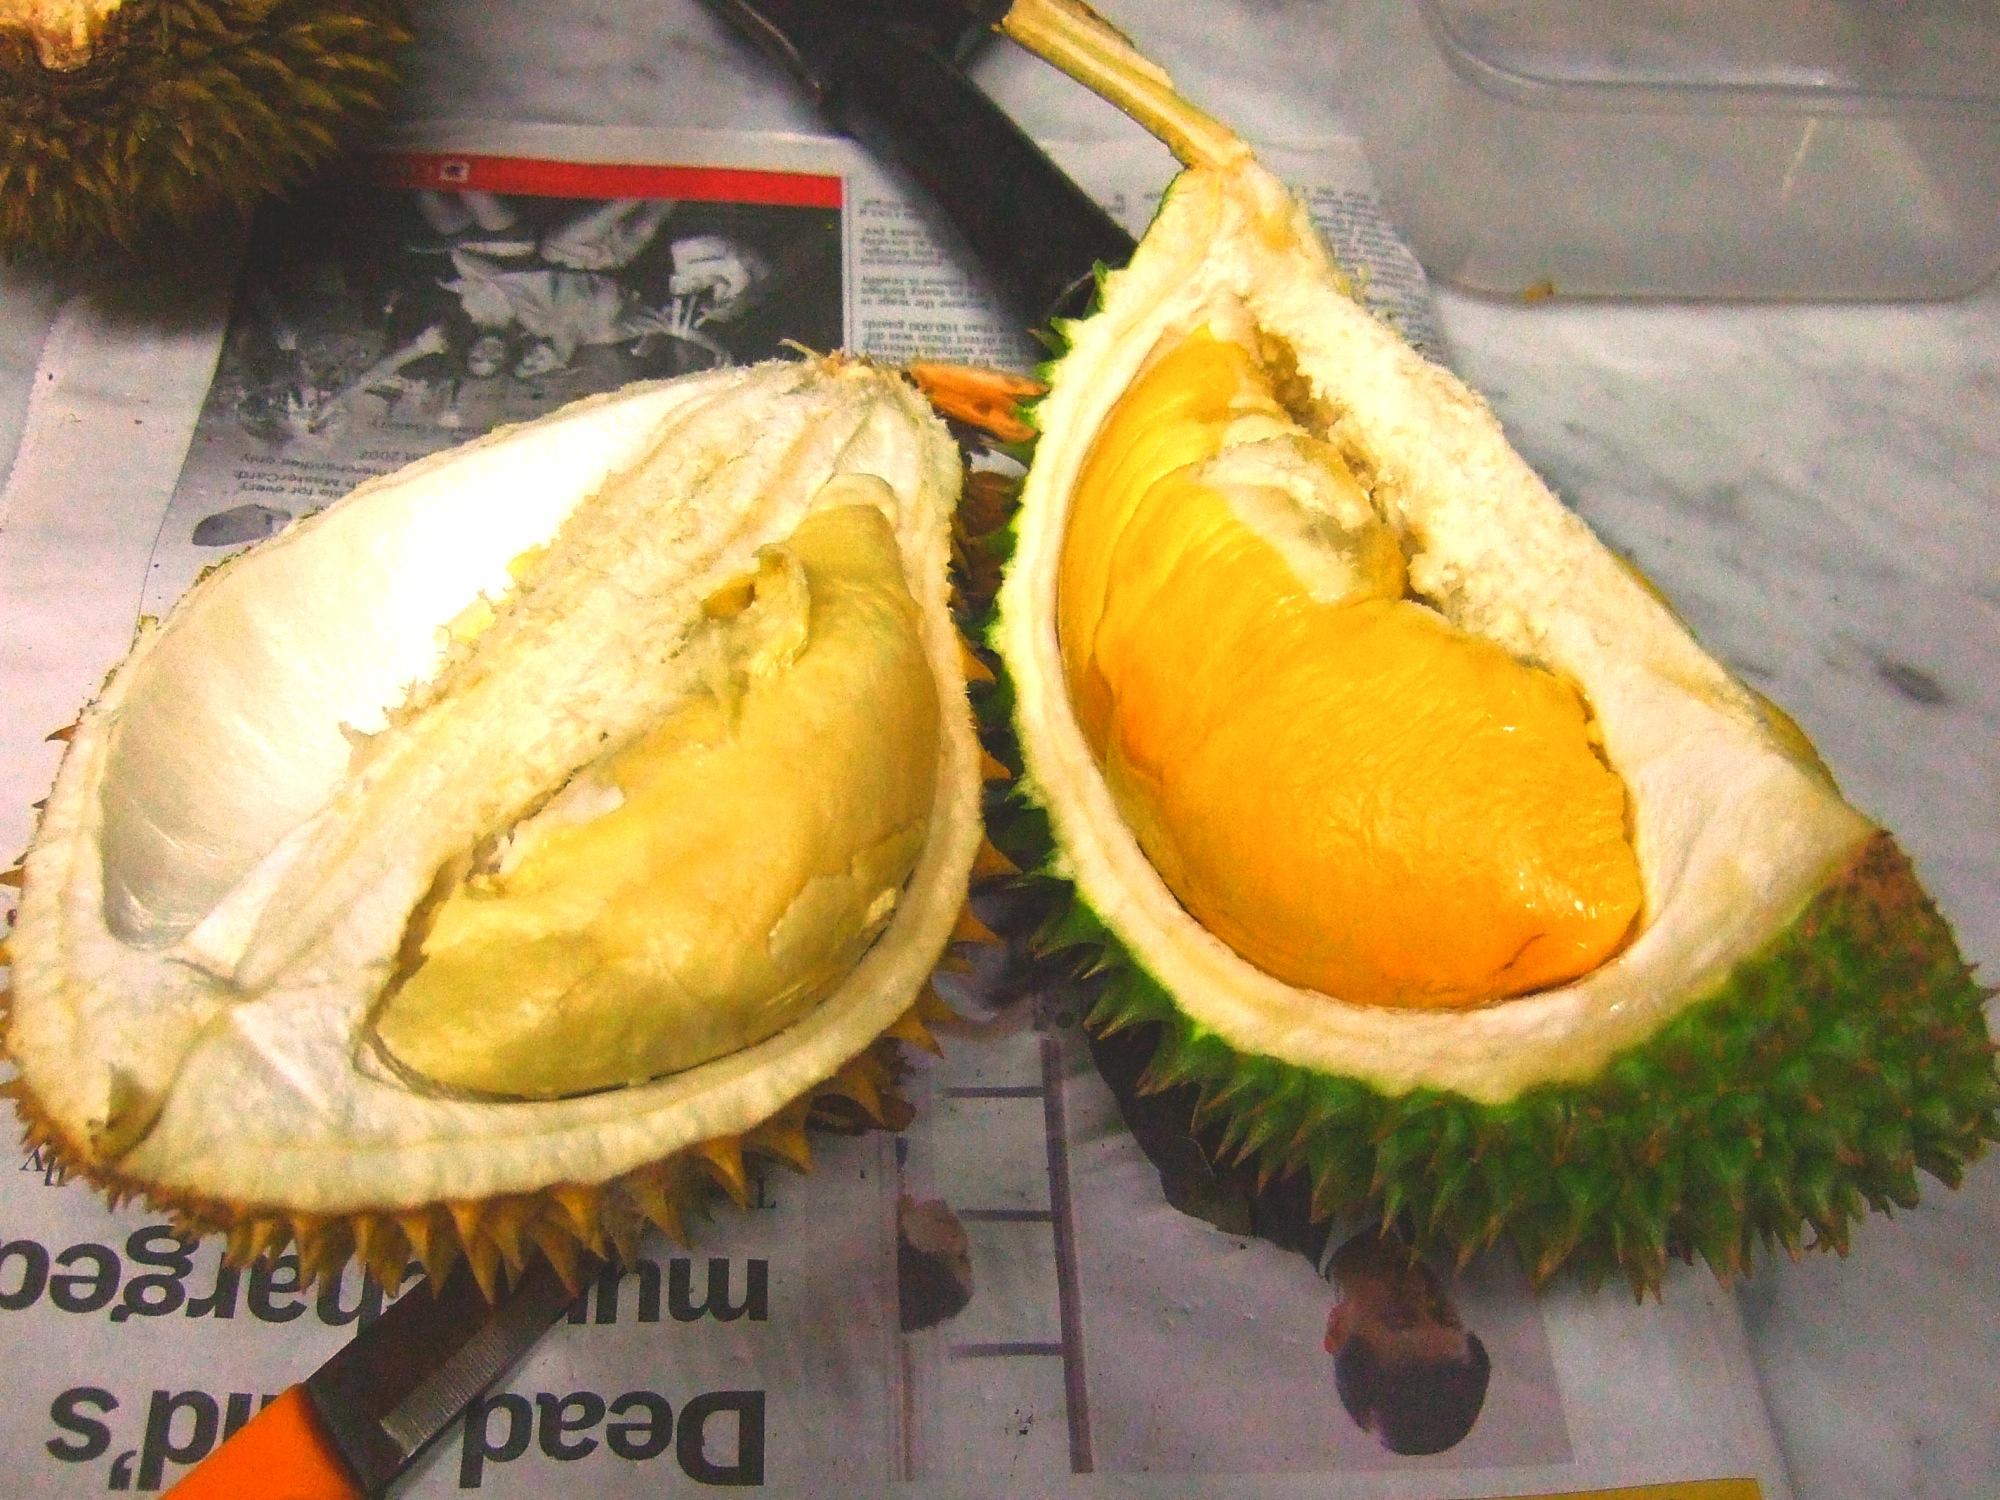 fruit bar durian fruit